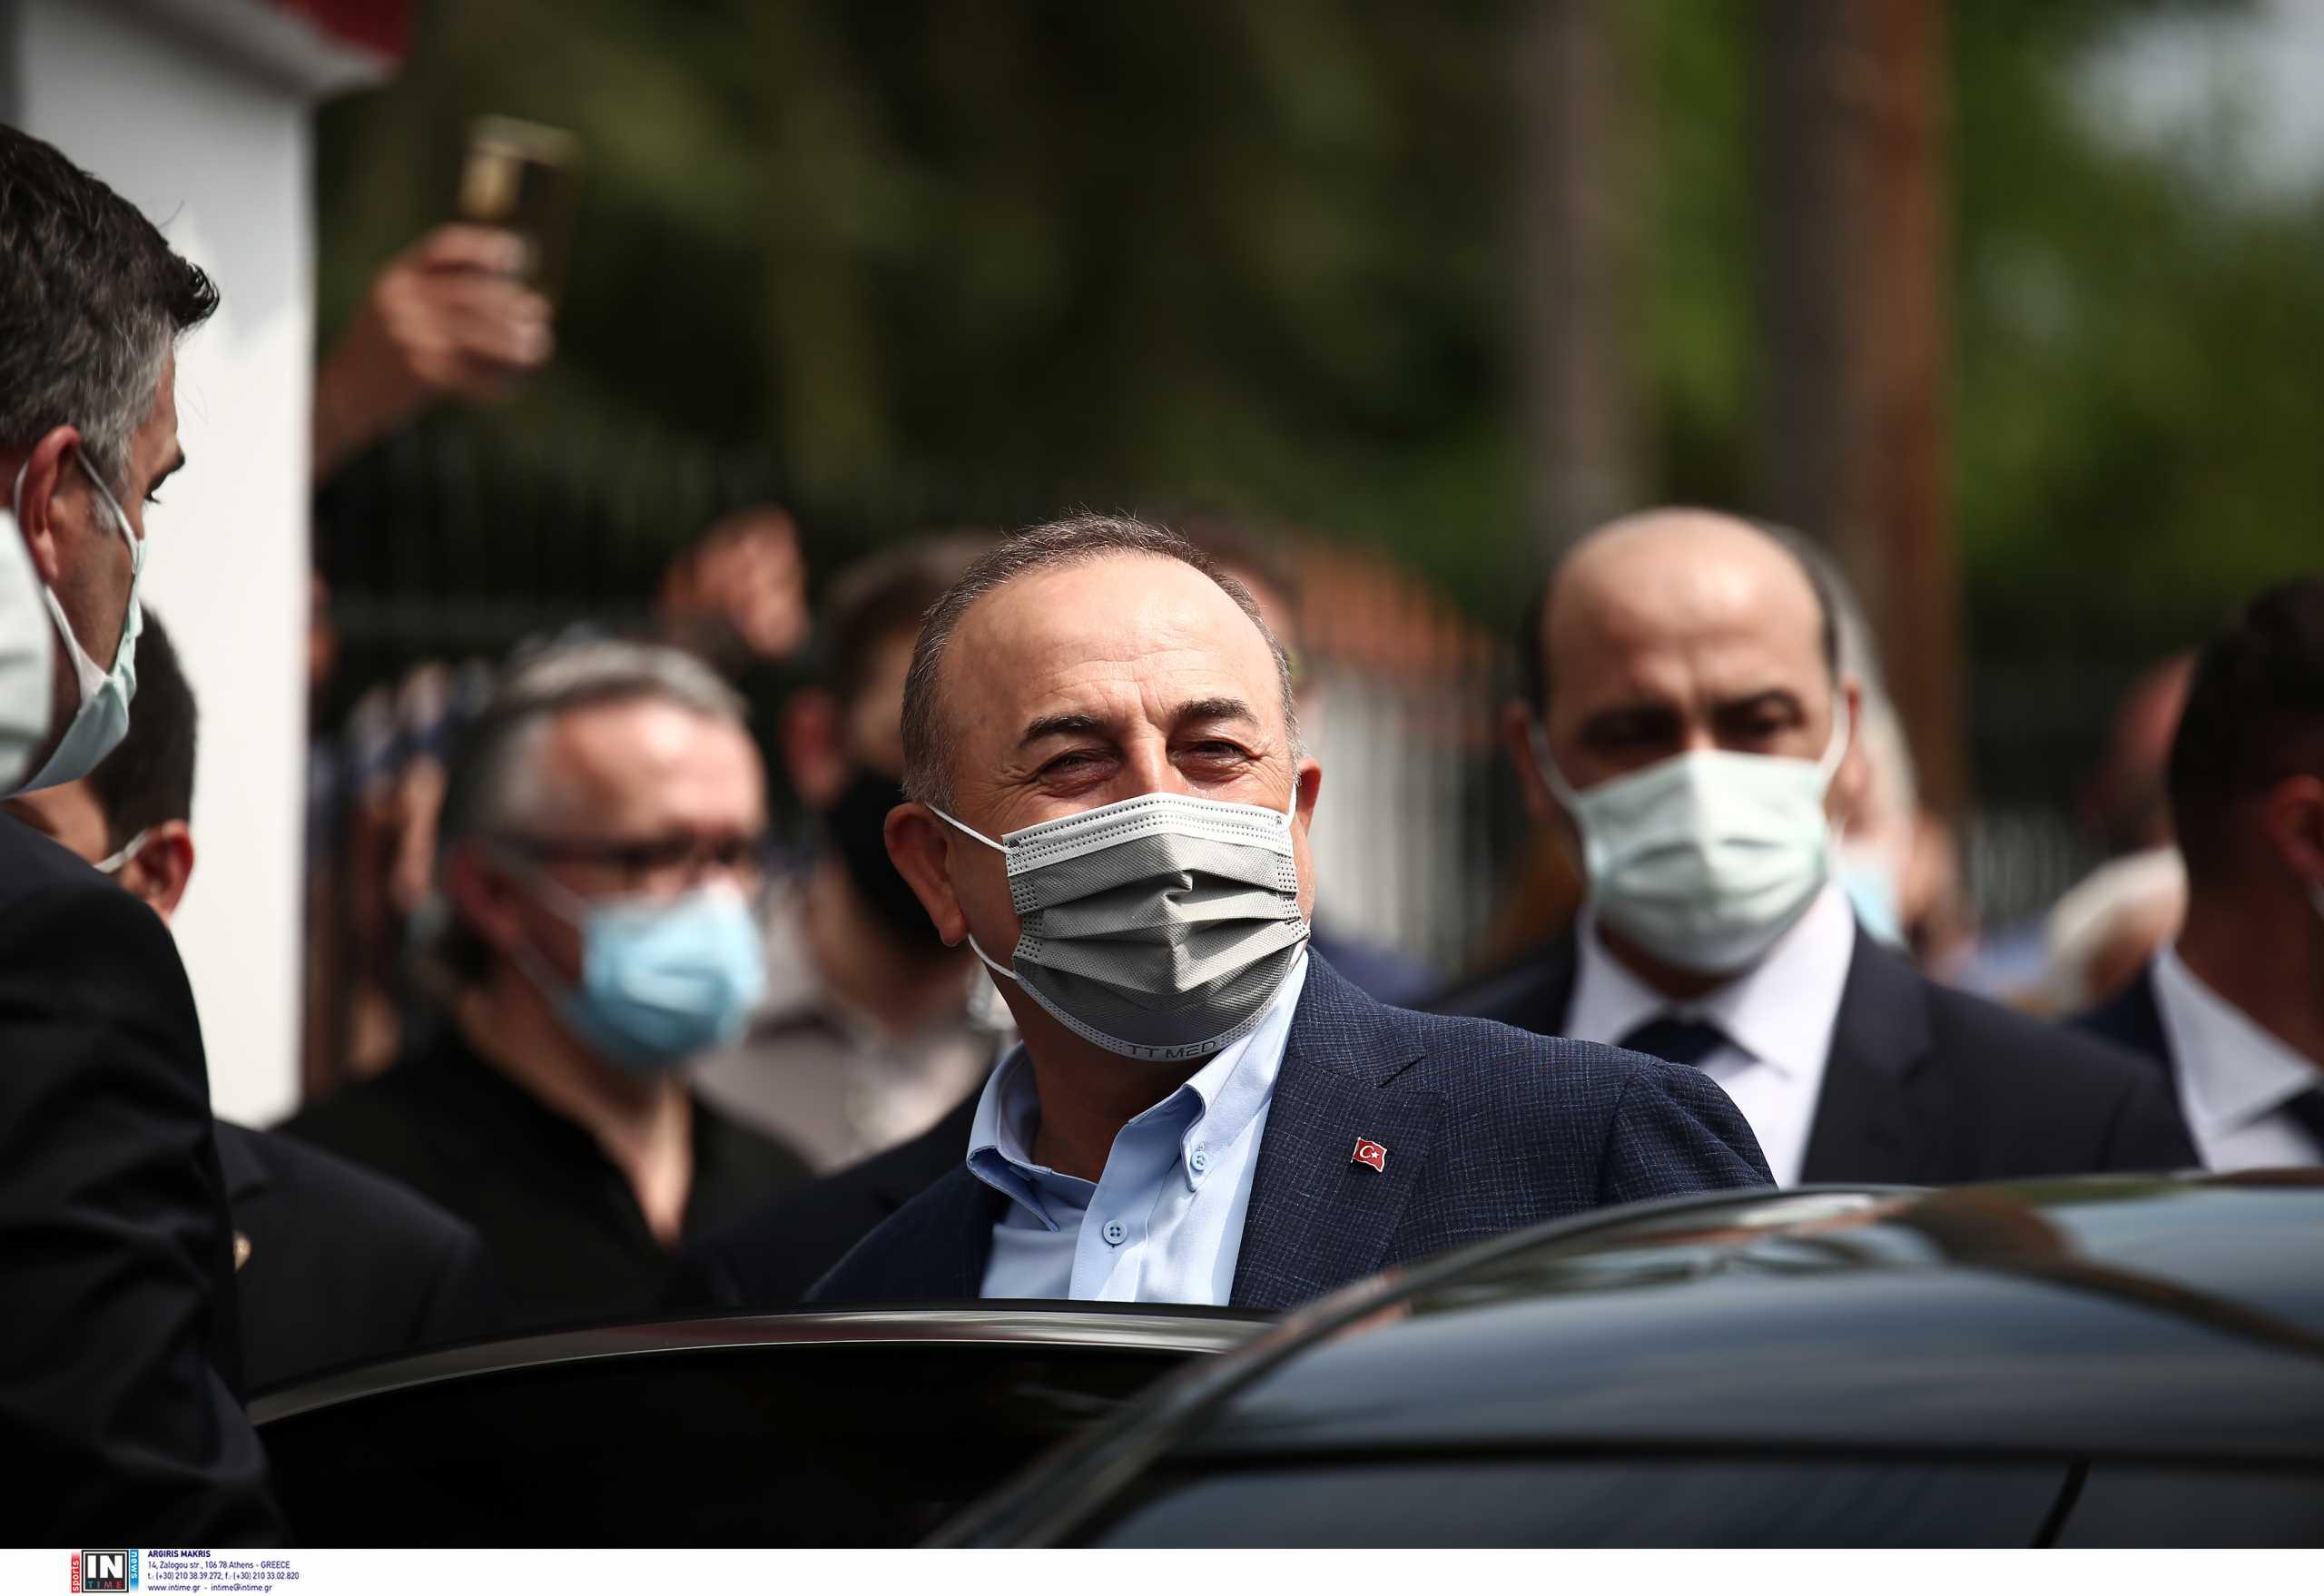 ΣΥΡΙΖΑ για Τσαβούσογλου: Κάθε Τούρκος αξιωματούχος που επισκέπτεται τη Θράκη οφείλει να σέβεται τη Συνθήκη της Λωζάννης